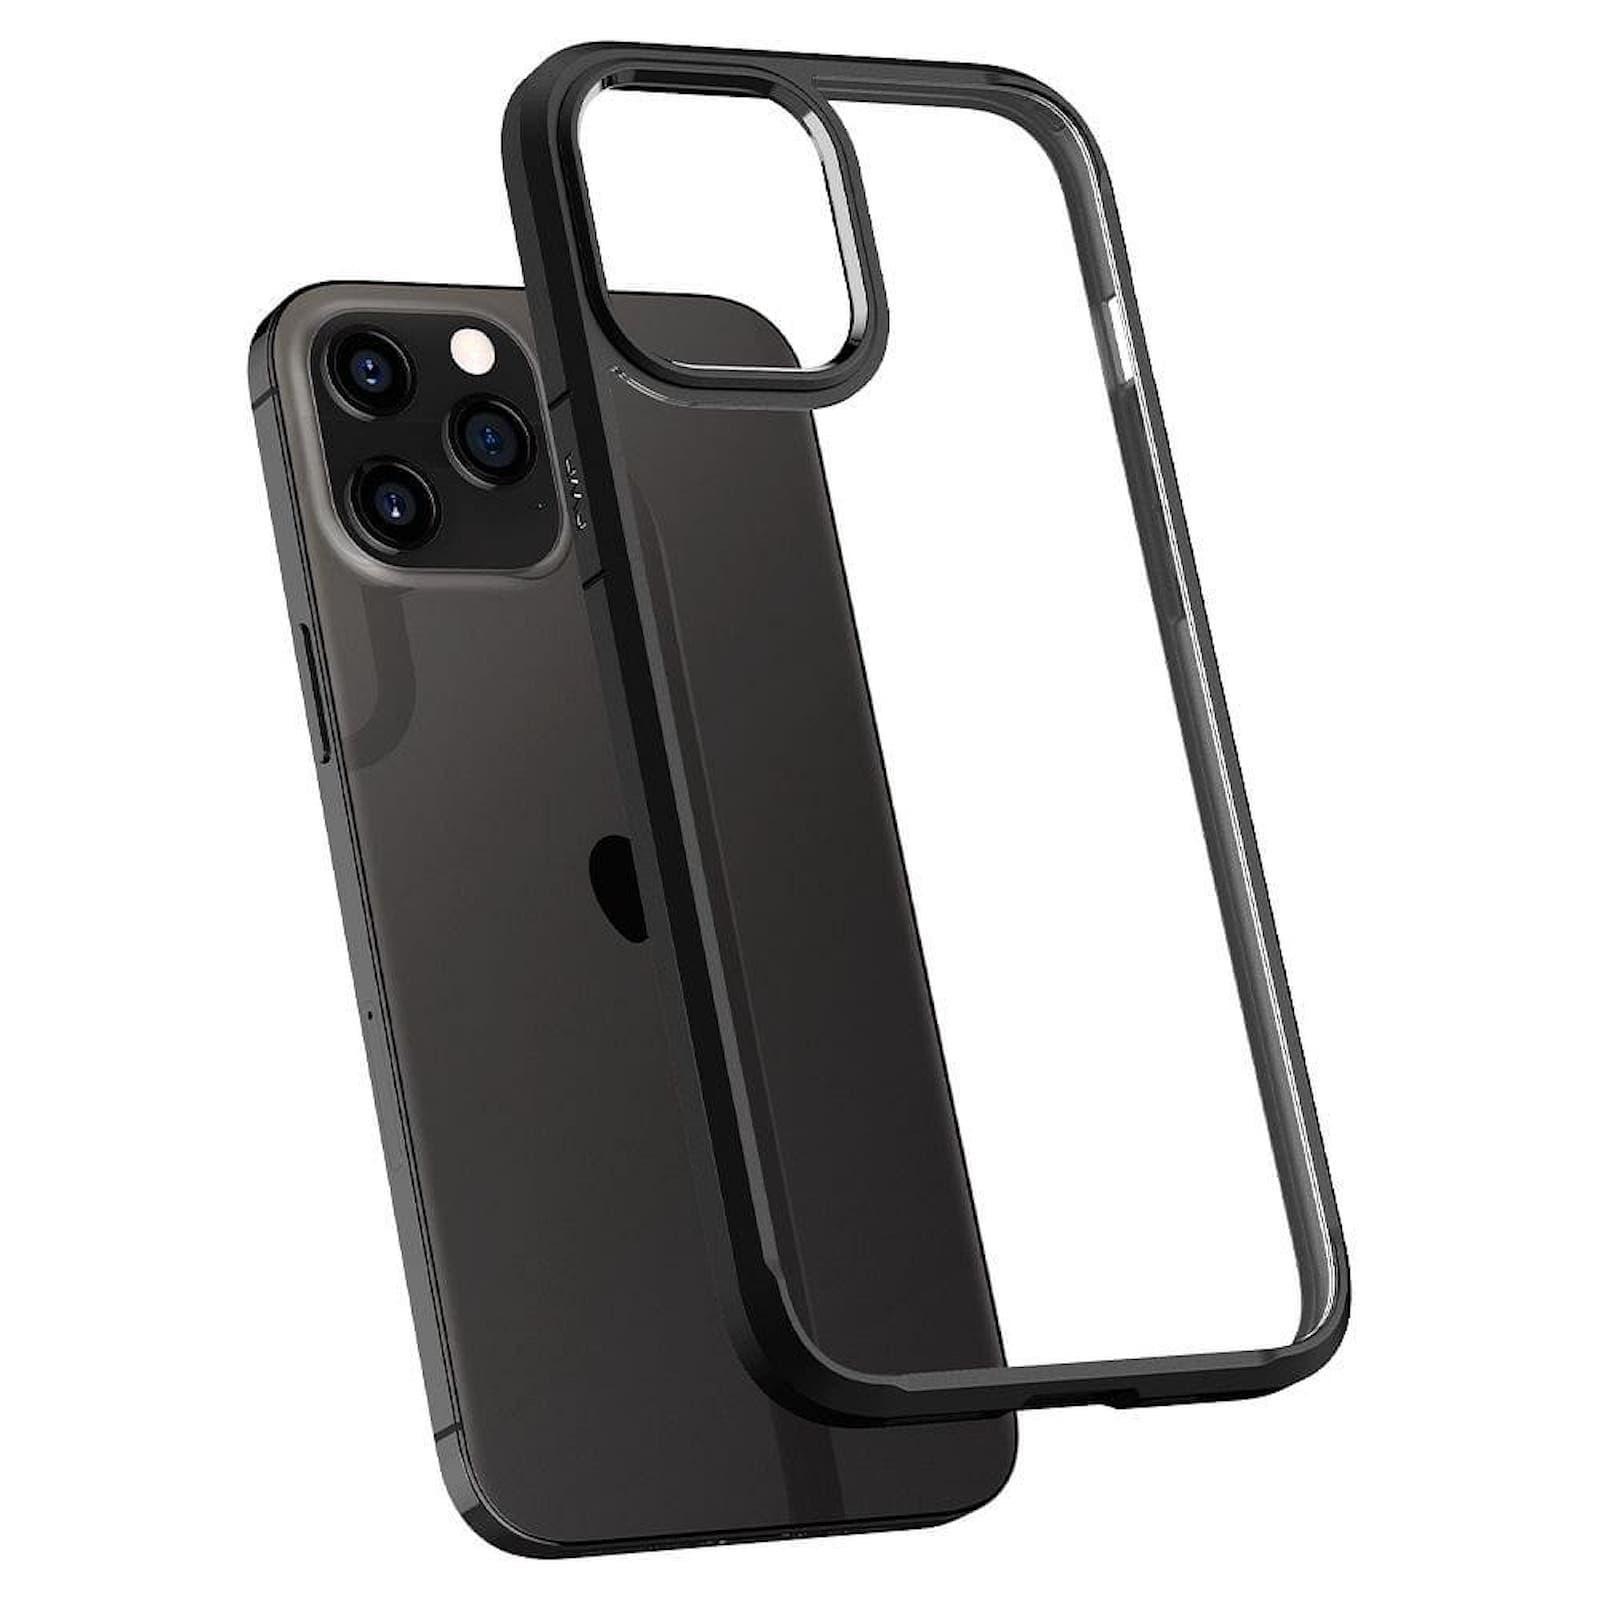 Coque Spigen© Ultra Hybrid pour iPhone 12 PRO MAX matte Noir